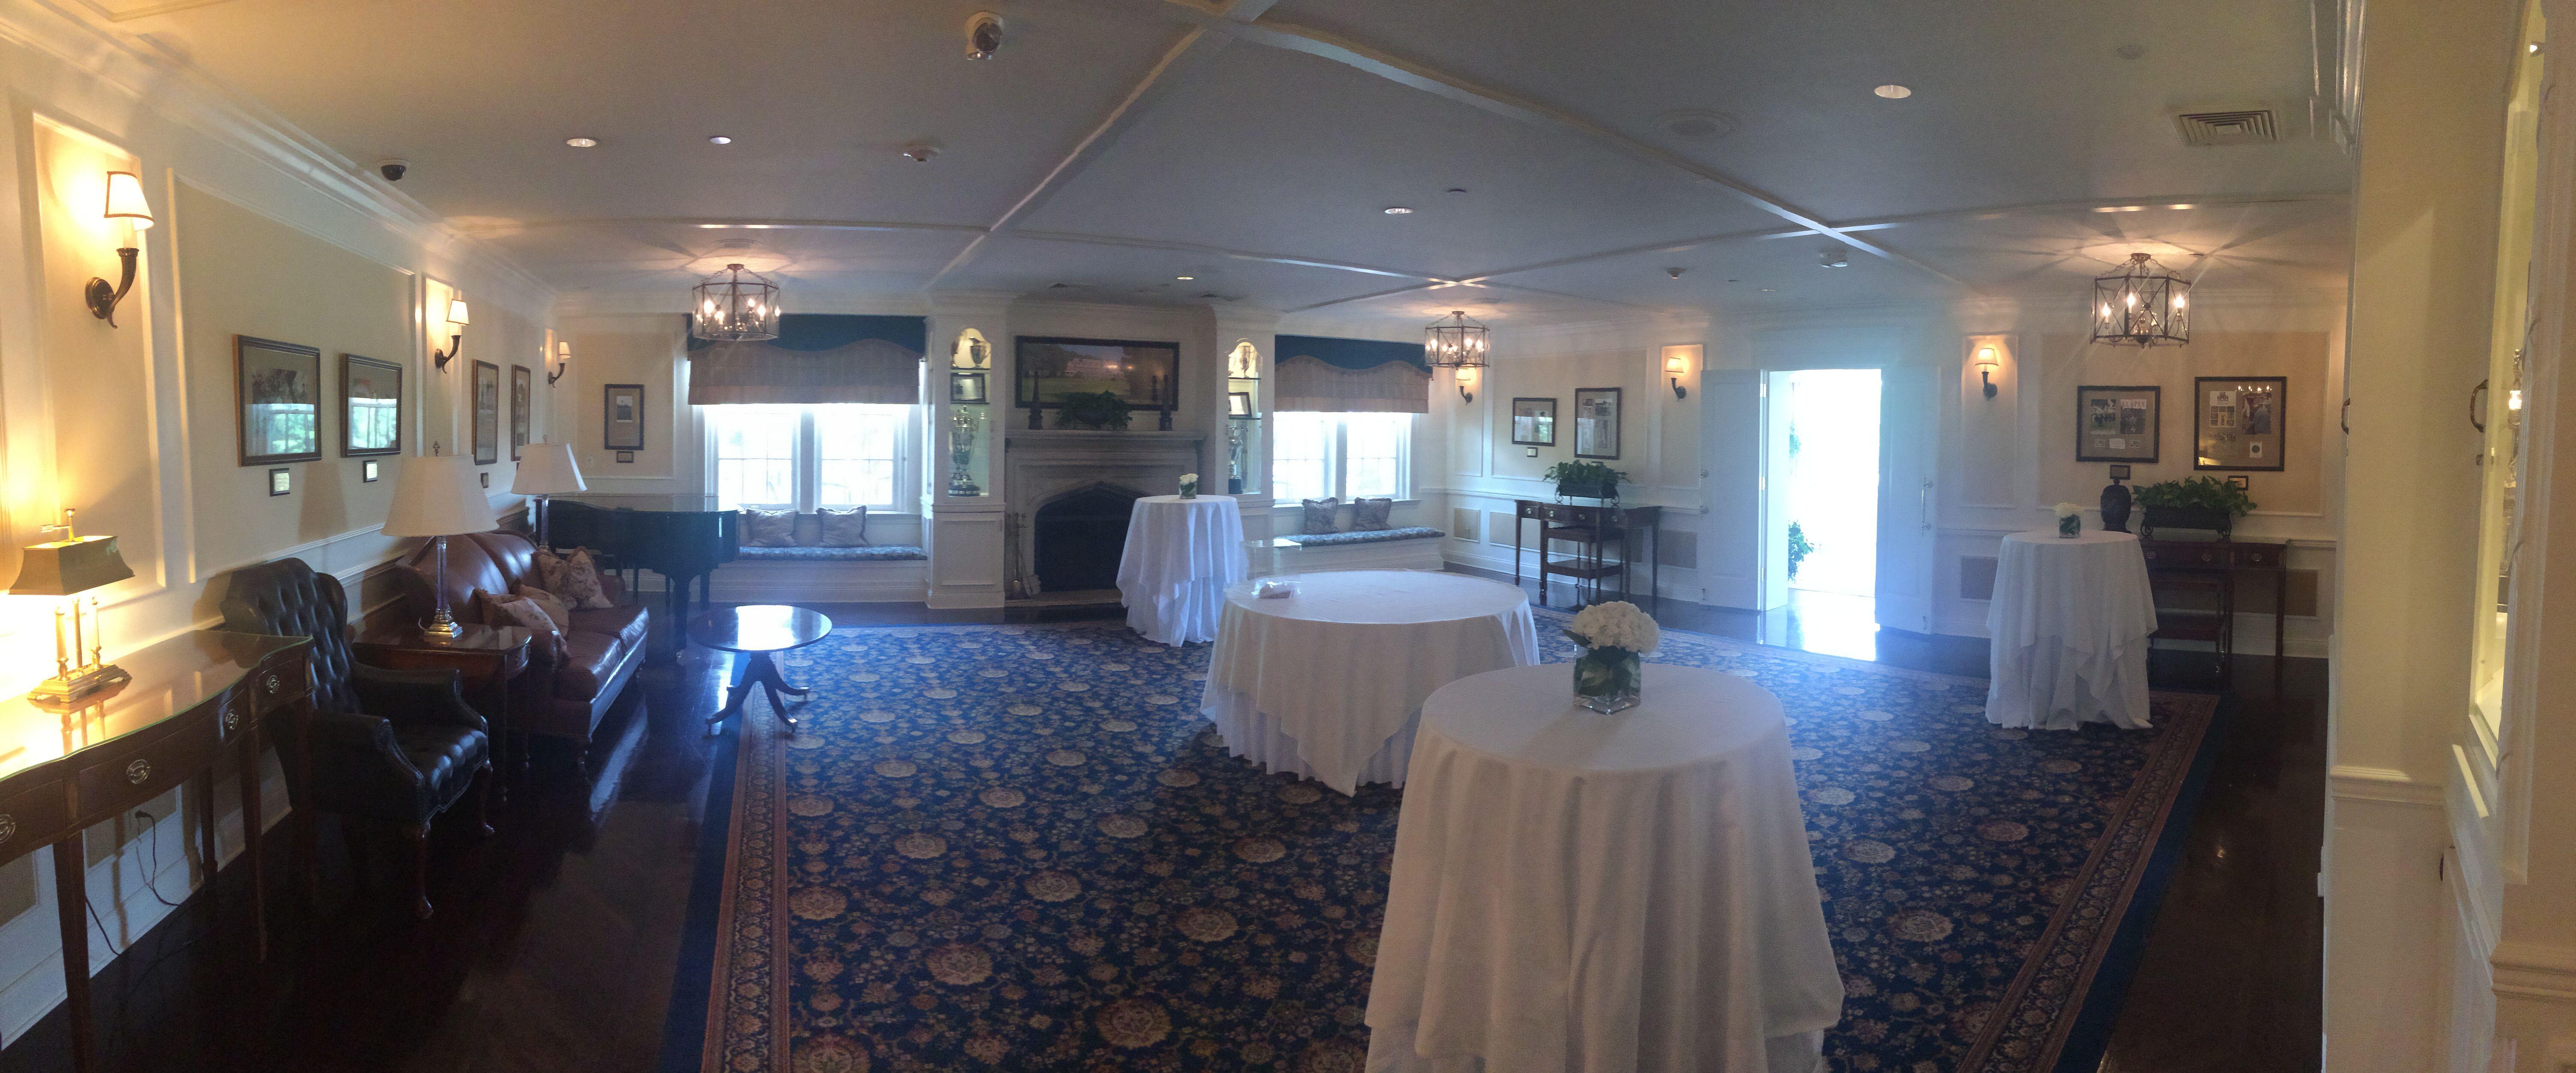 Entry room Golf club wedding reception, Golf club